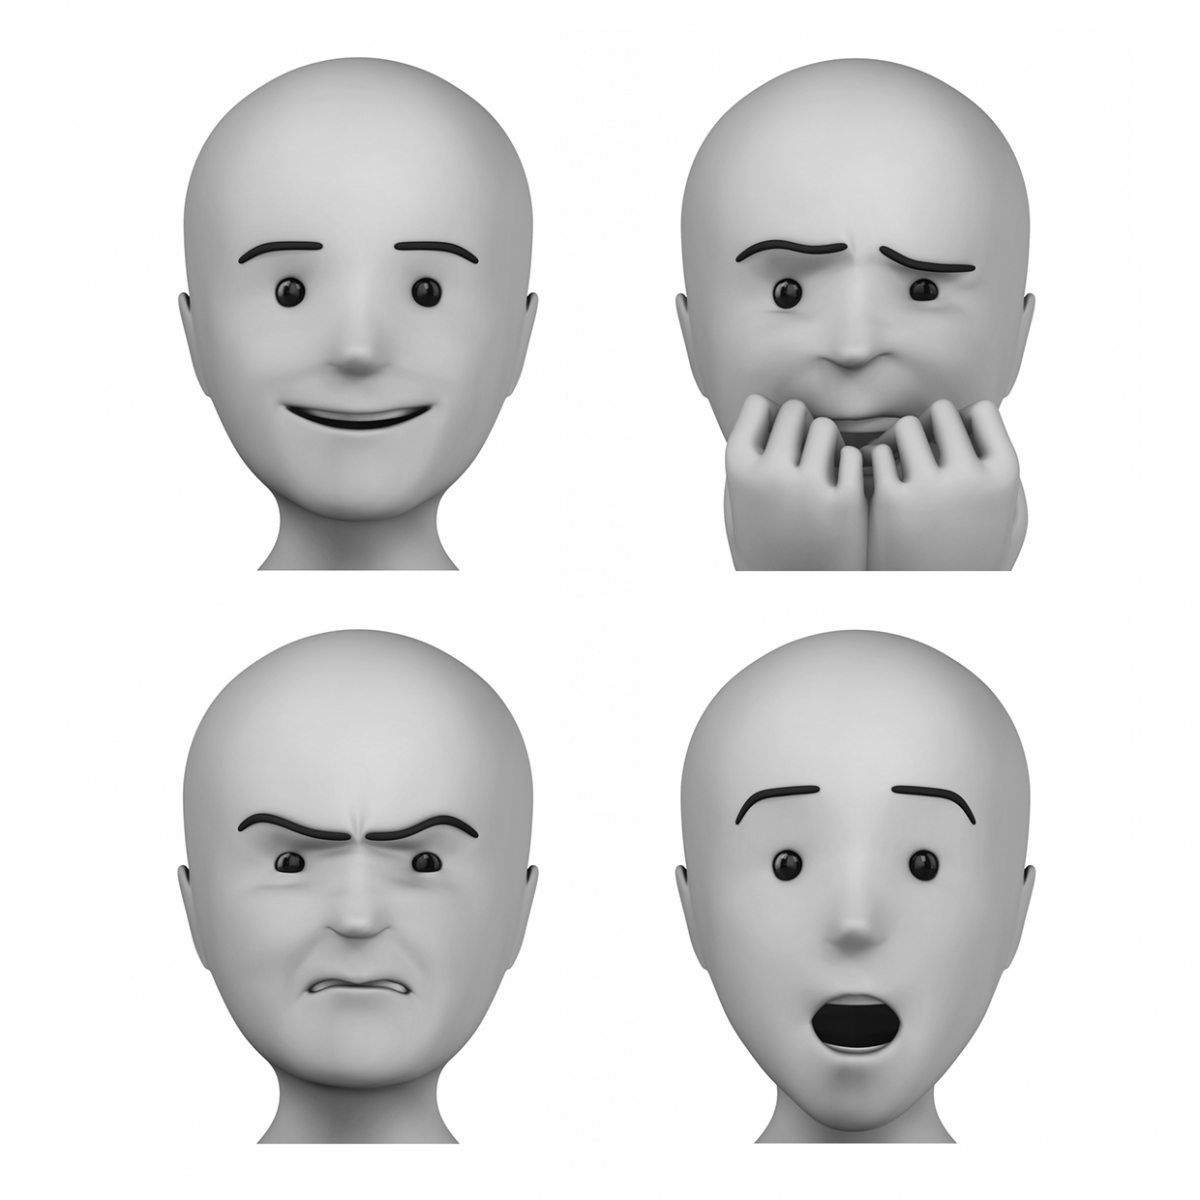 Imagen en la que aparece el concepto genérico de emociones